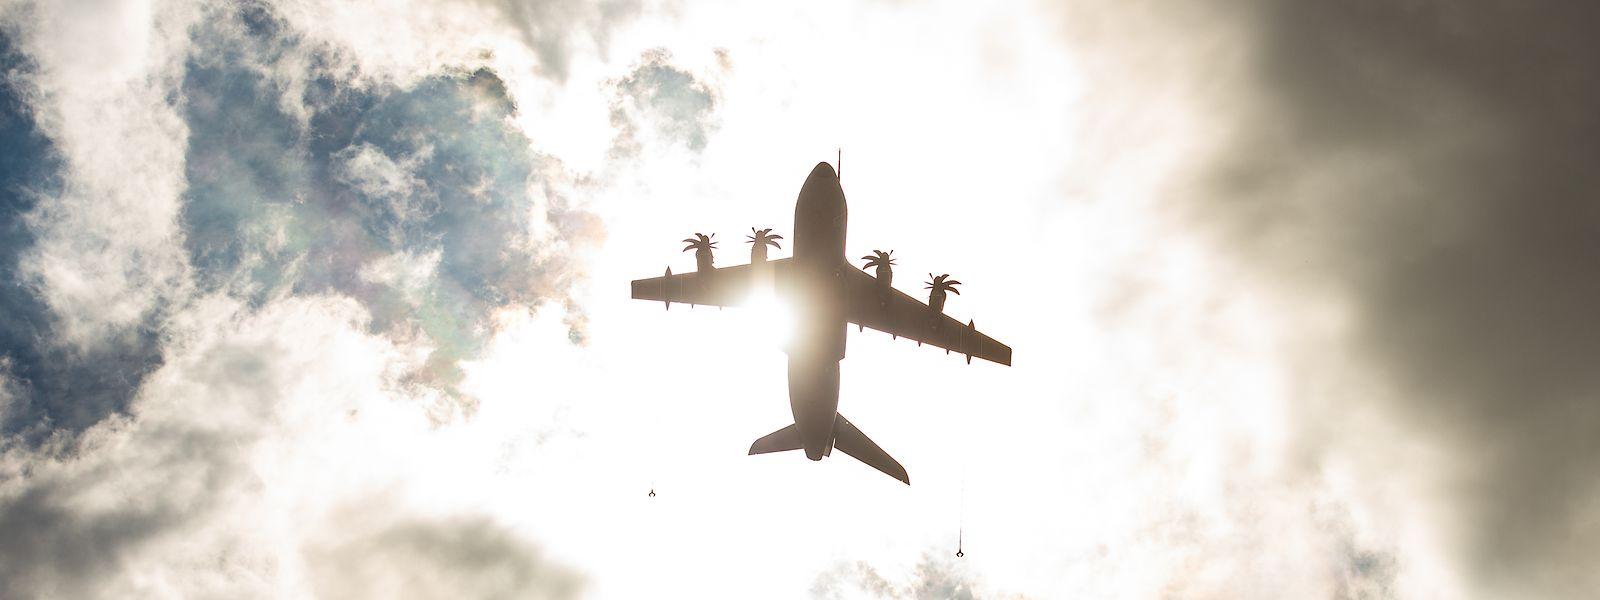 Sonnige Zeiten für Airbus: Ein Airbus A400M Transportflugzeug fliegt über den Fliegerhorst Wunstorf in der Nähe von Hannover.